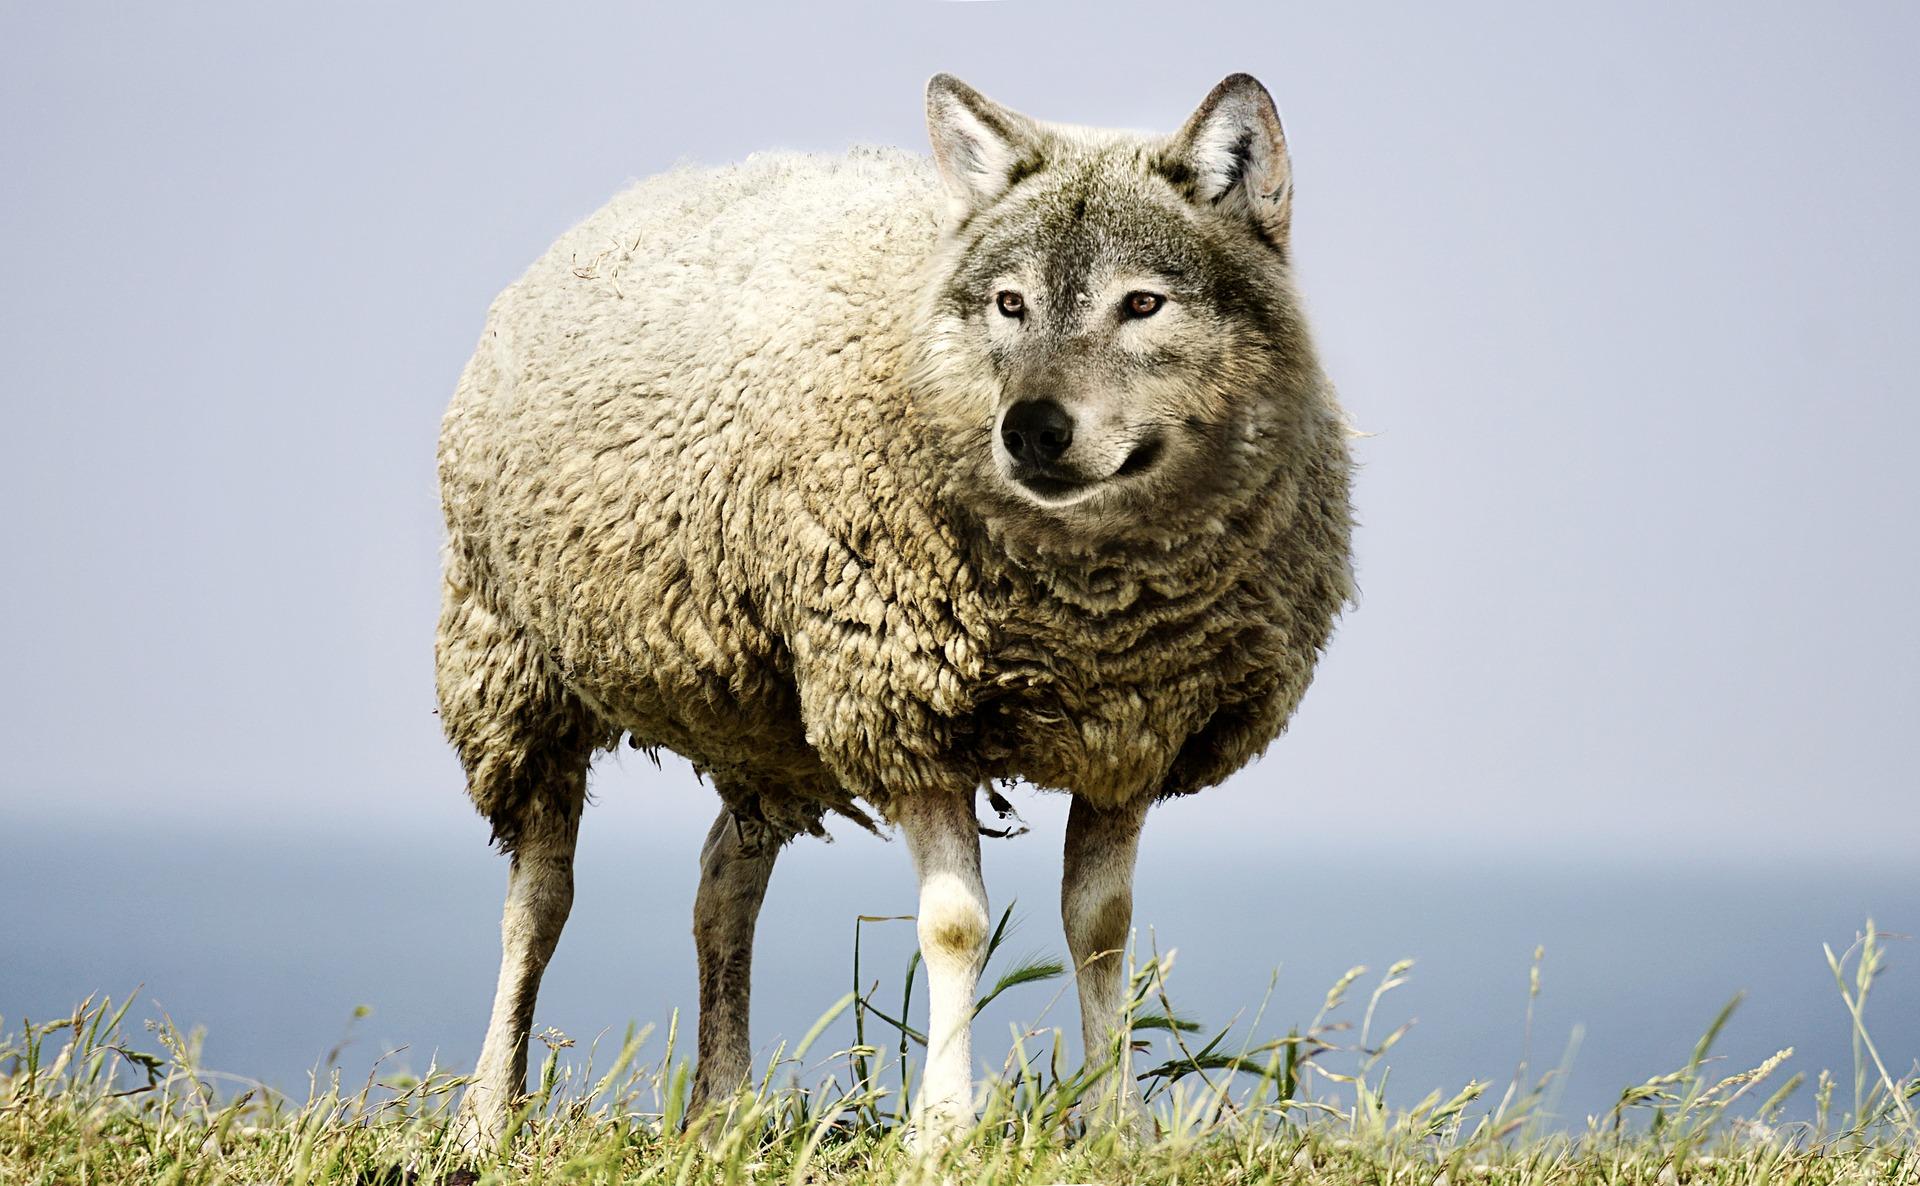 download wallpaper: wolf in schaapskleren wallpaper